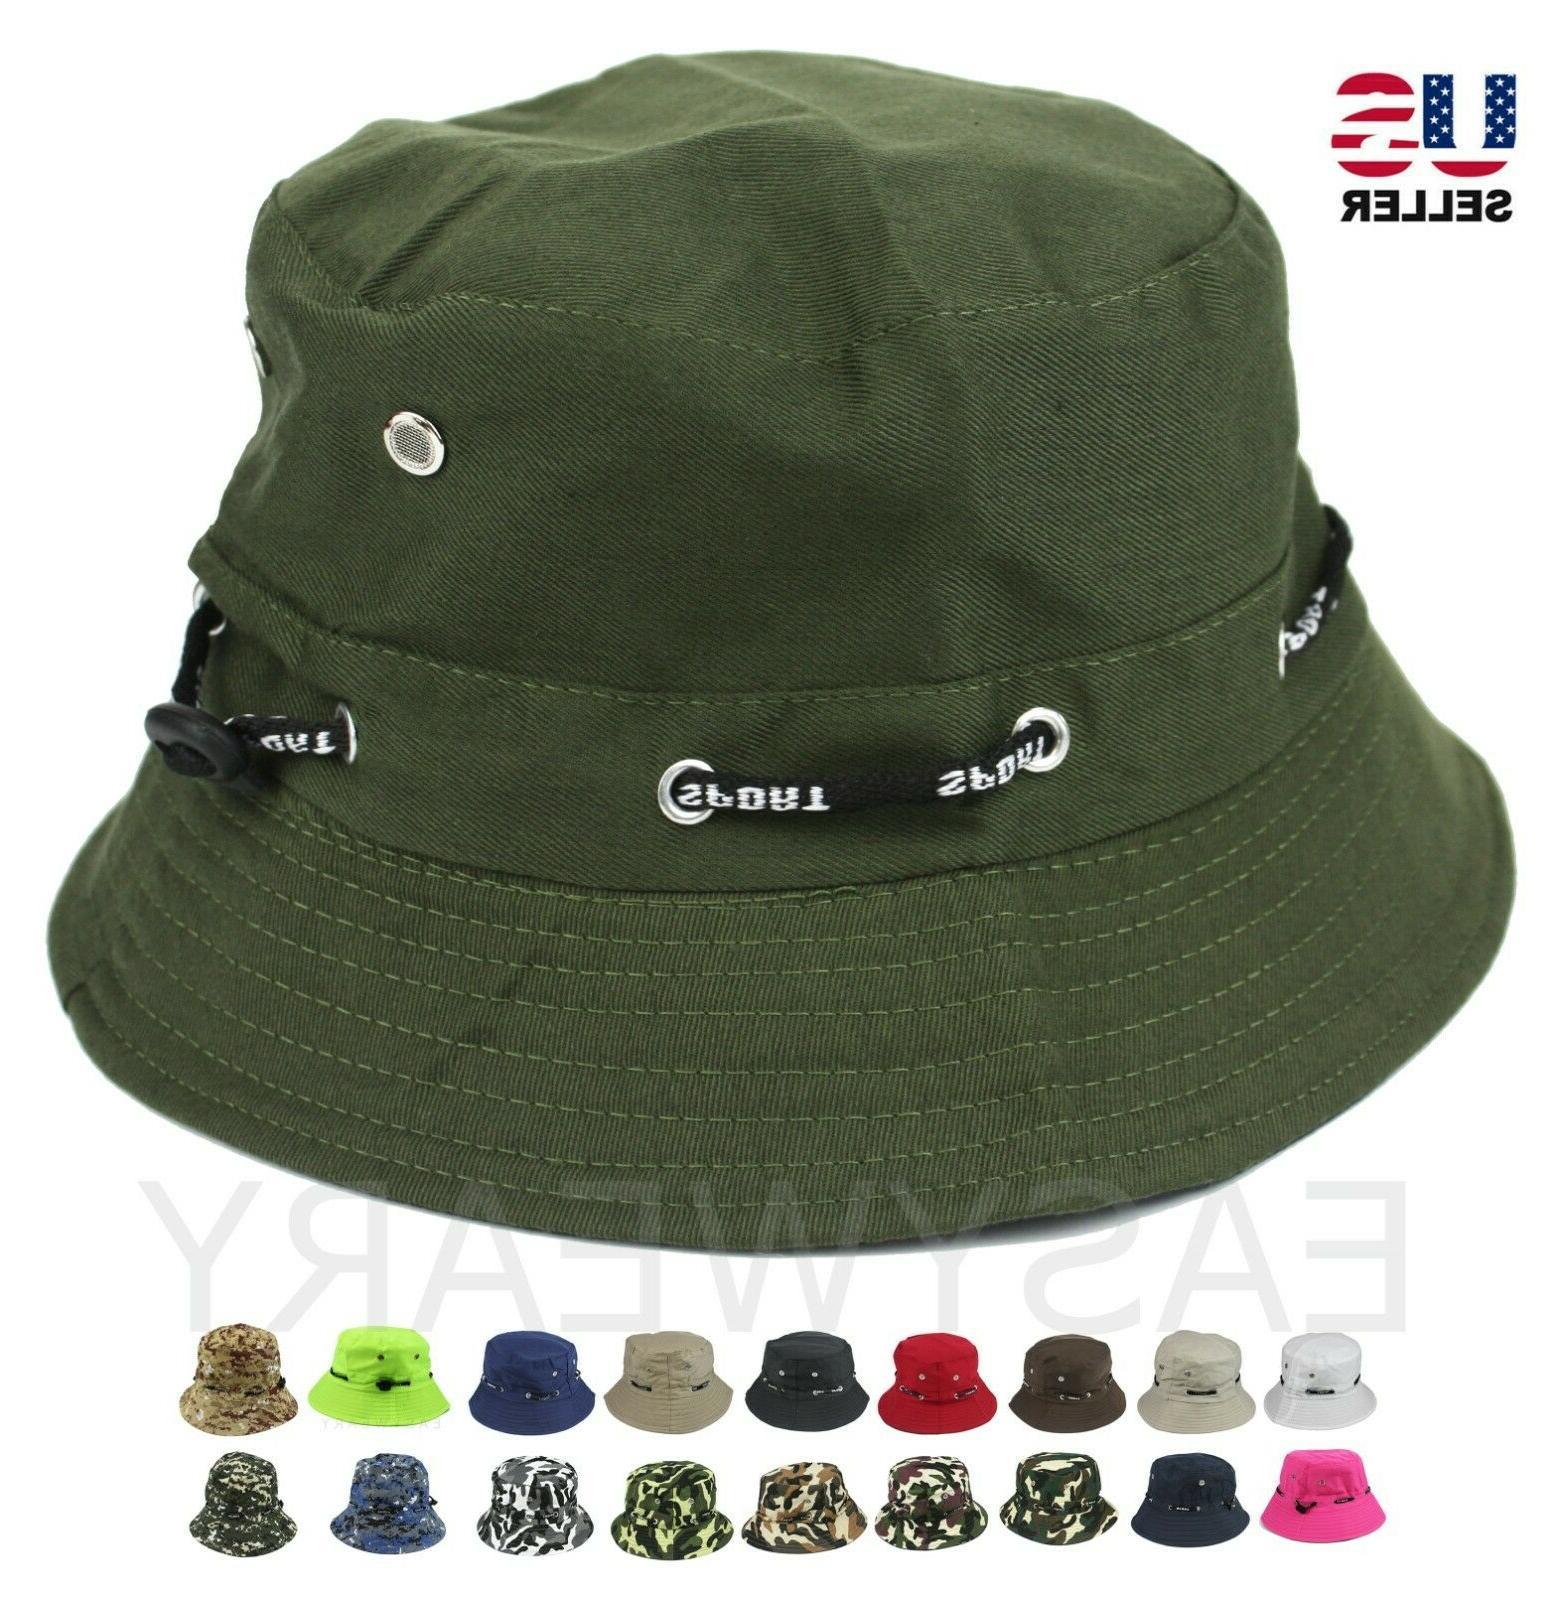 bucket hat cap sport fishing boonie brim